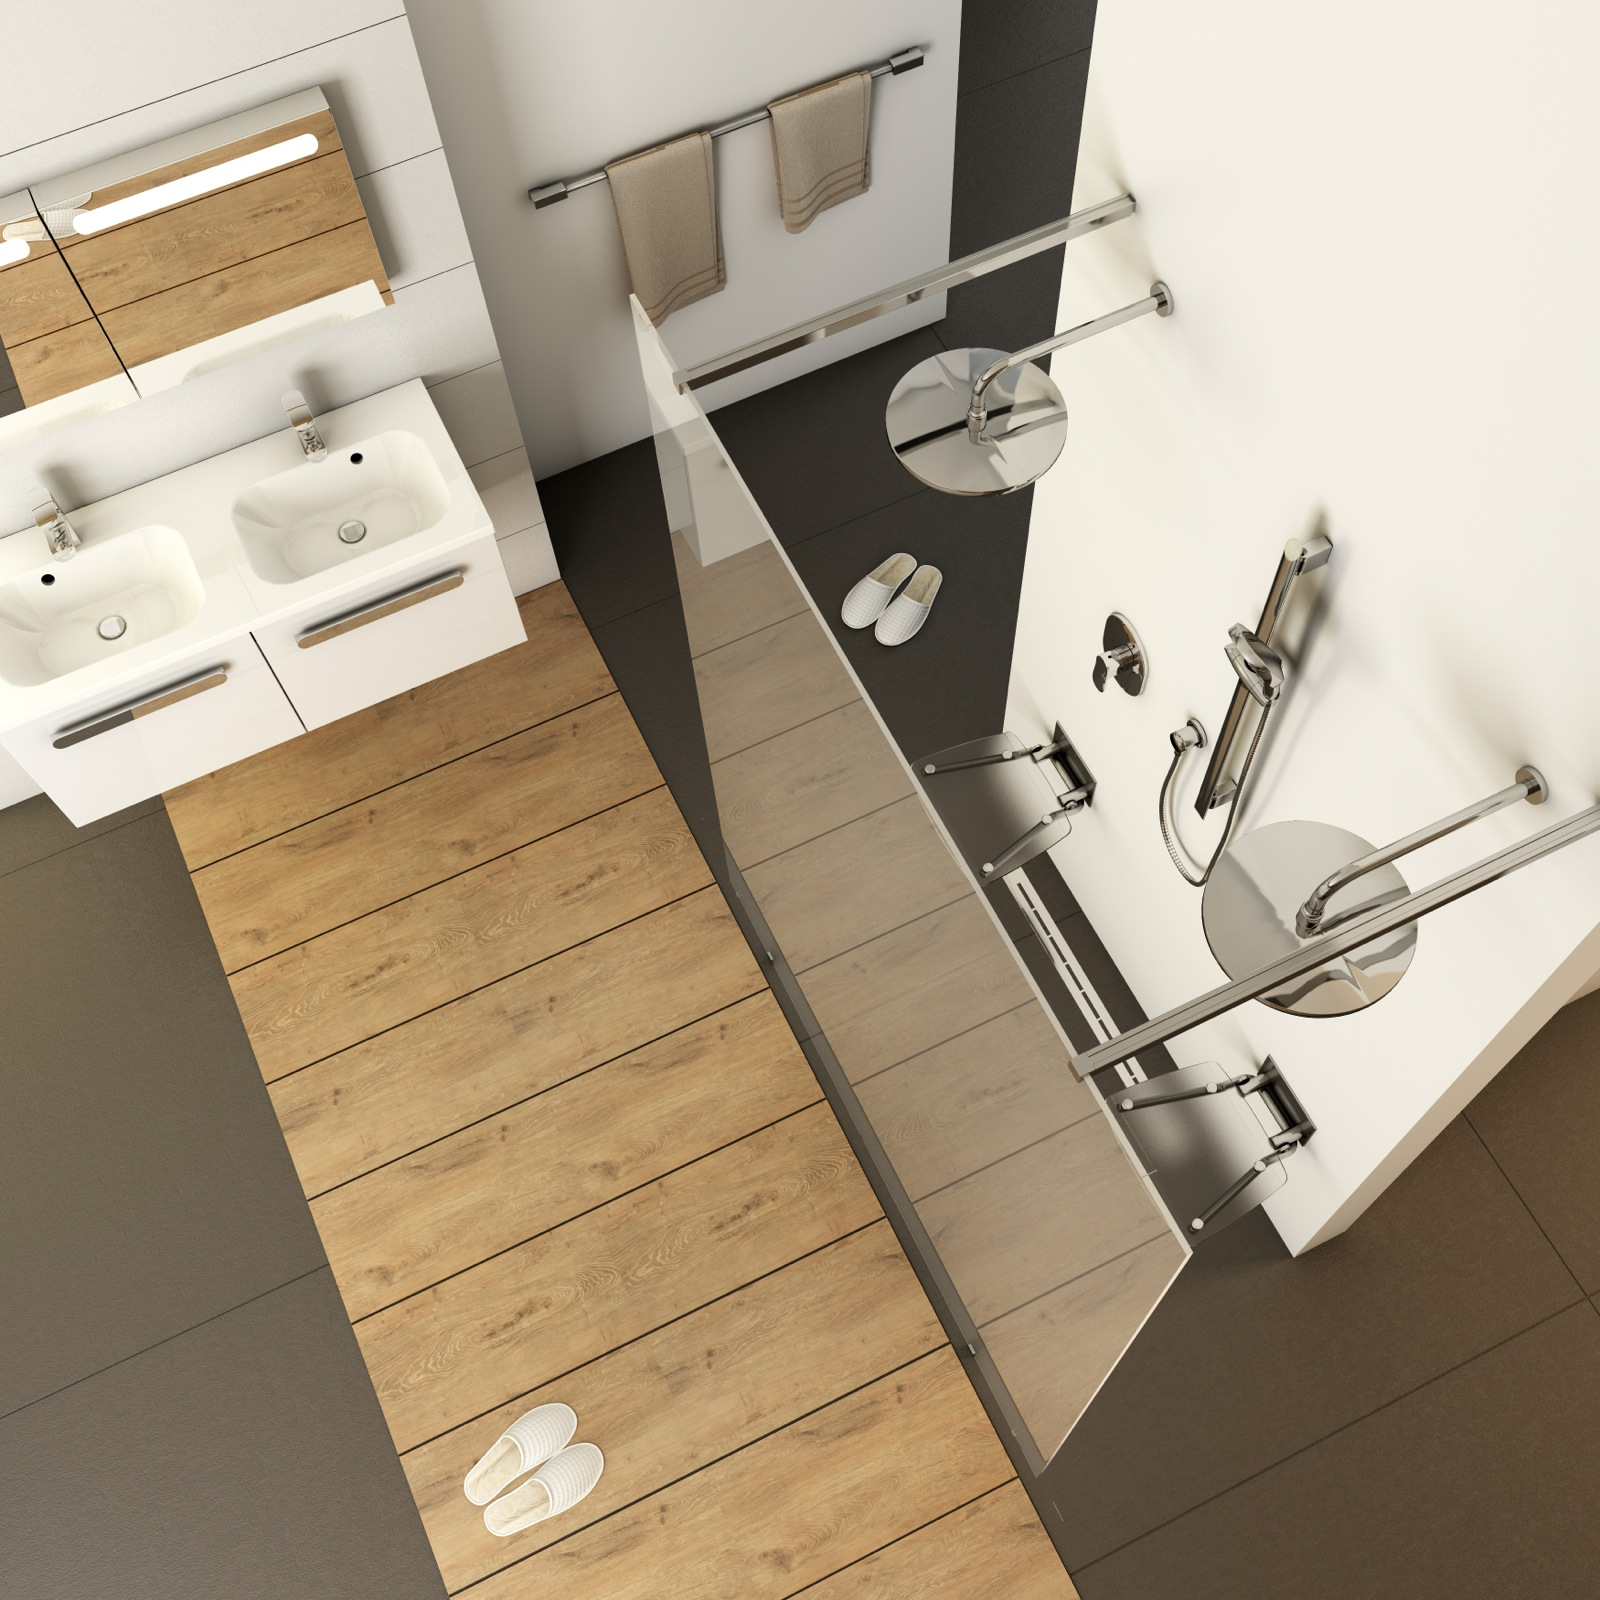 Javasoljuk, hogy fontolja meg egy téglalap alakú zuhanyzó kialakítását, mert sokkal kényelmesebben kihasználható, mint egy négyzet alakú.